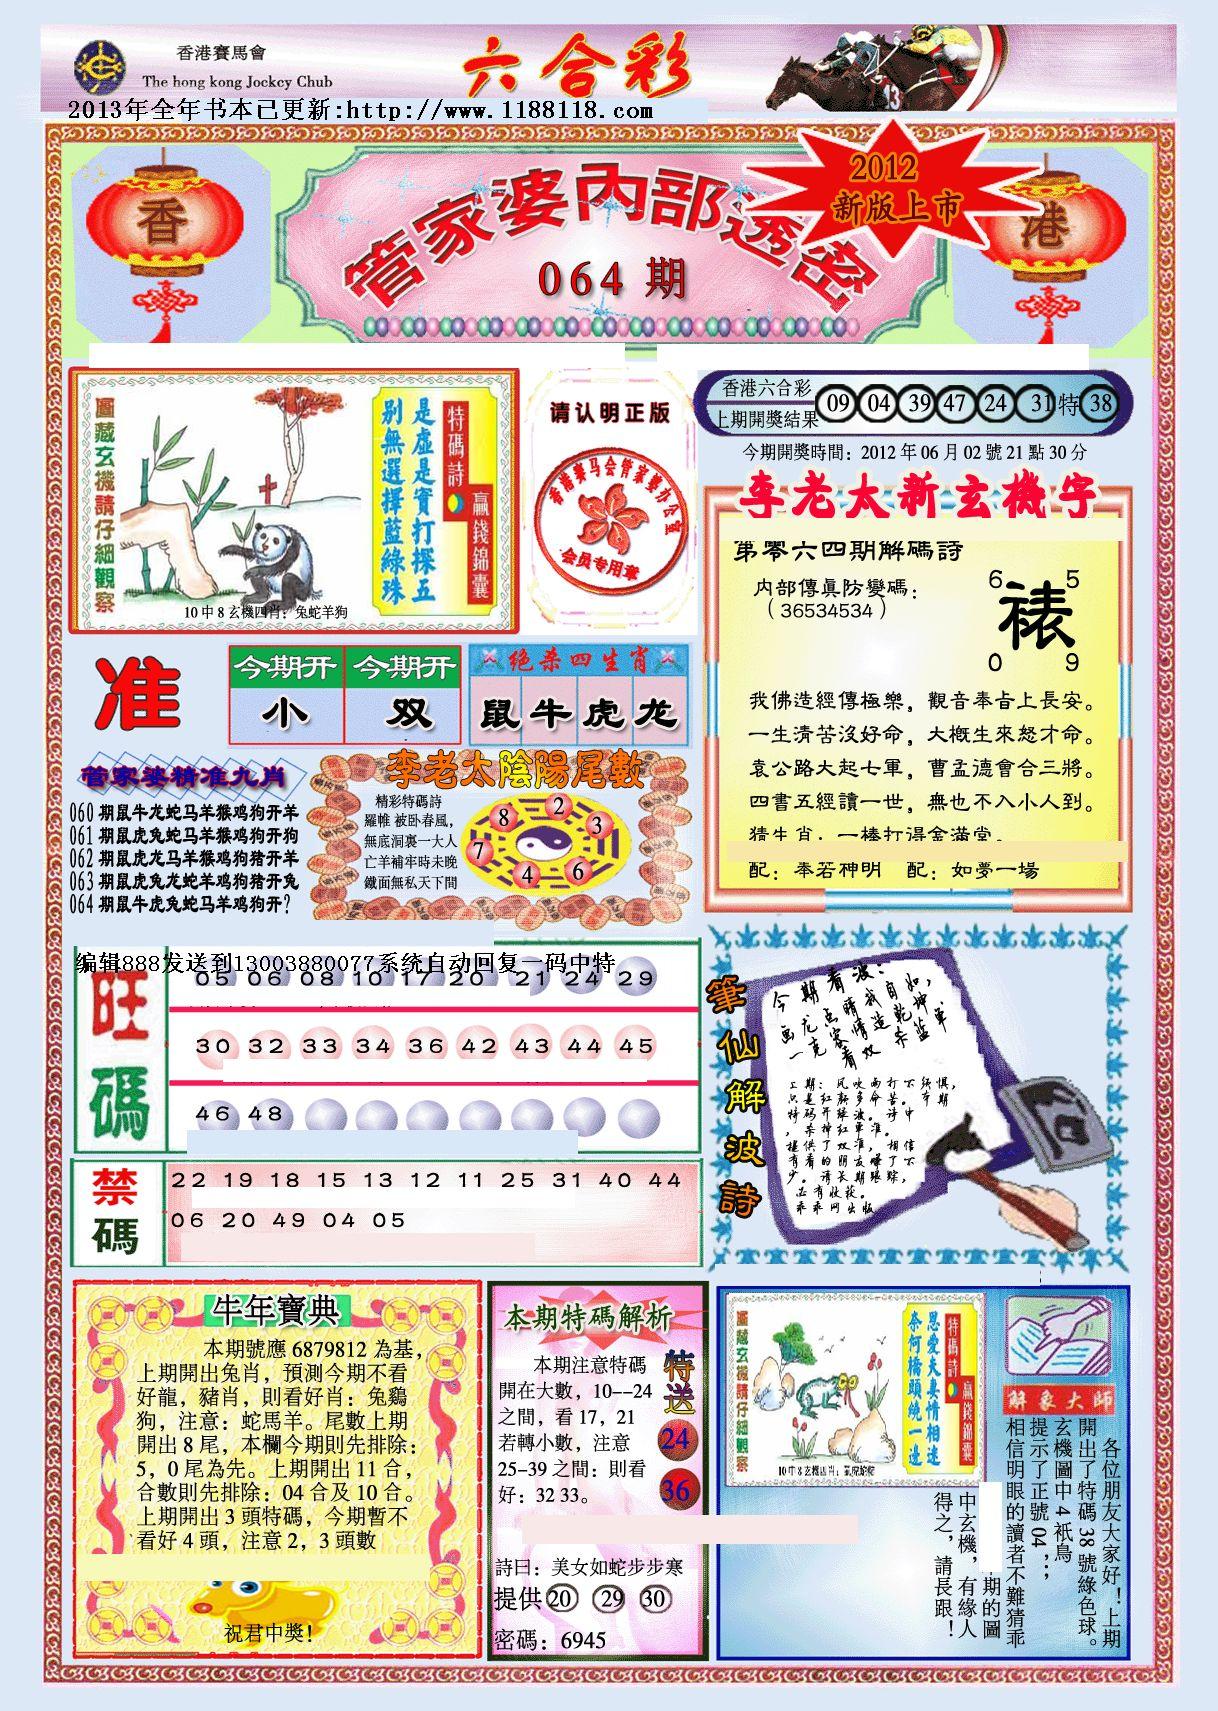 香港马经管家婆彩图图片大全 香港财经宝鉴 管家婆内图片